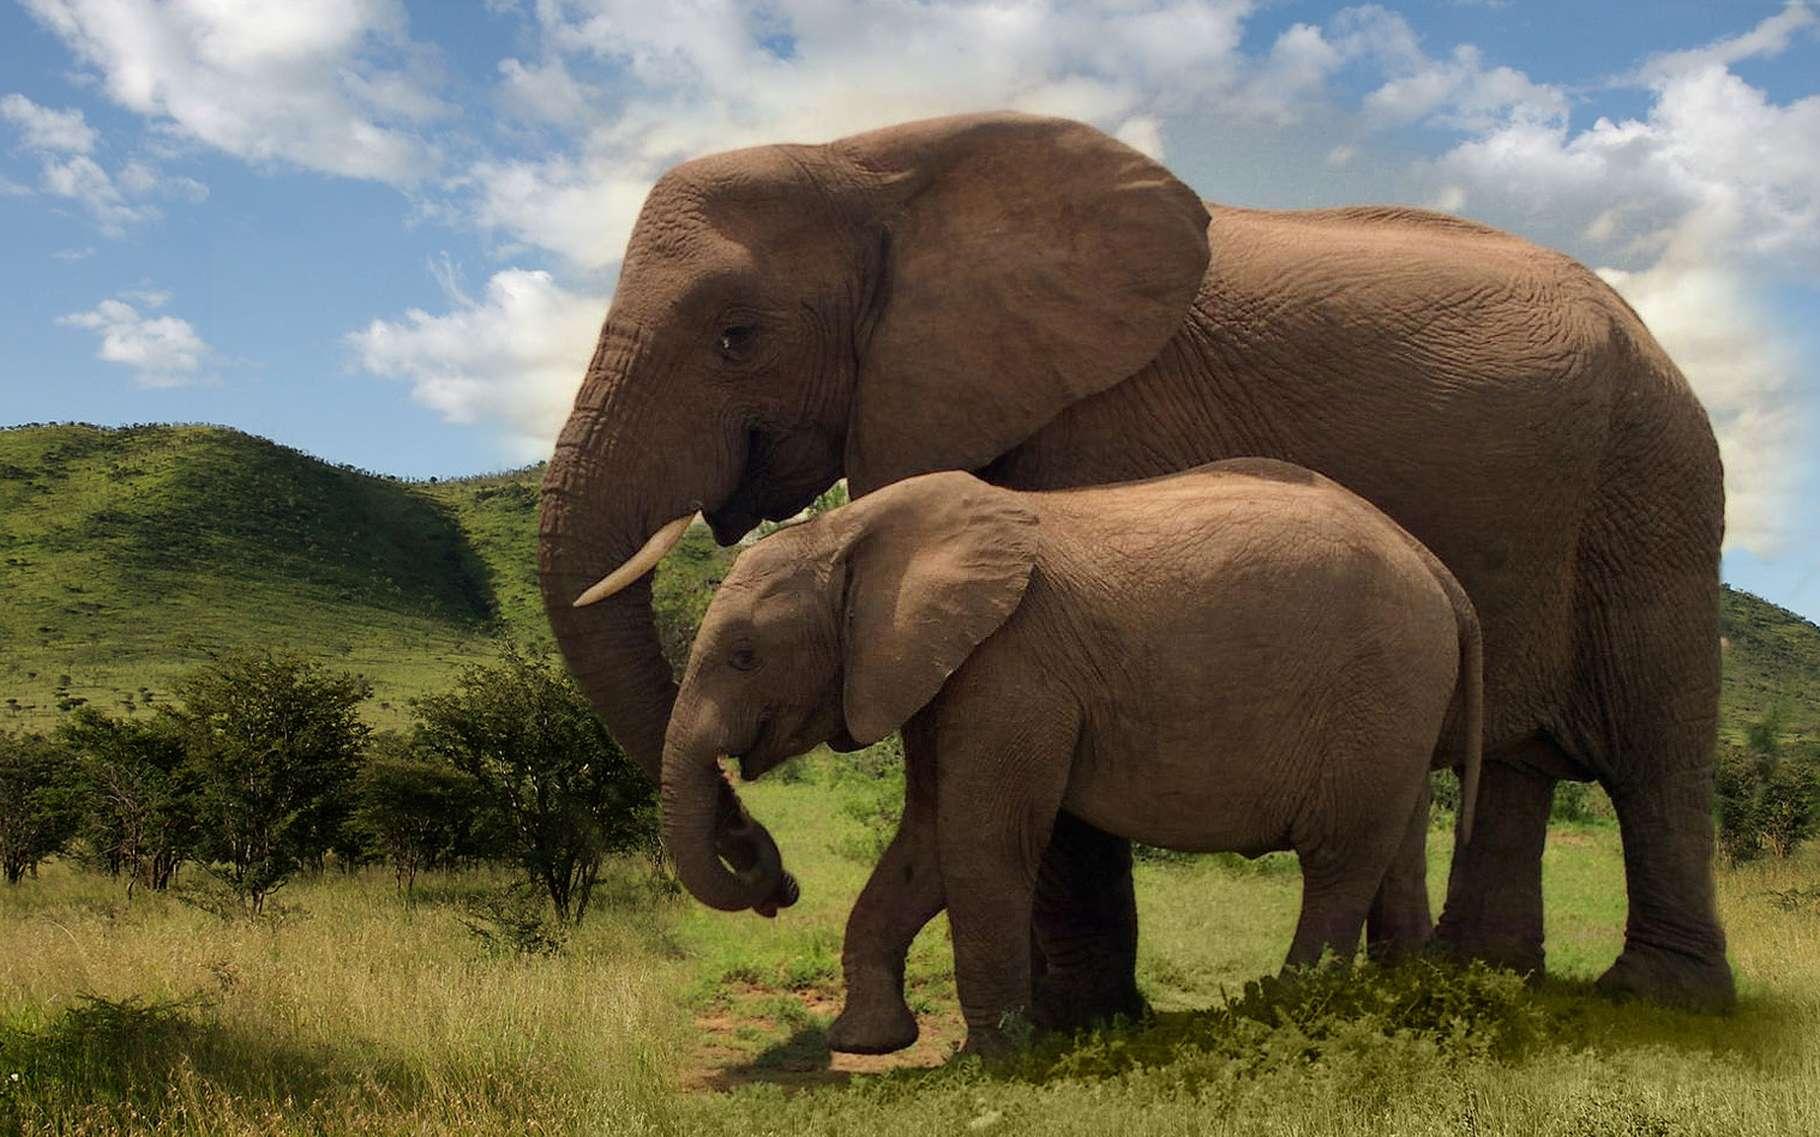 L'éléphant : plus grand animal terrestre actuel | Dossier